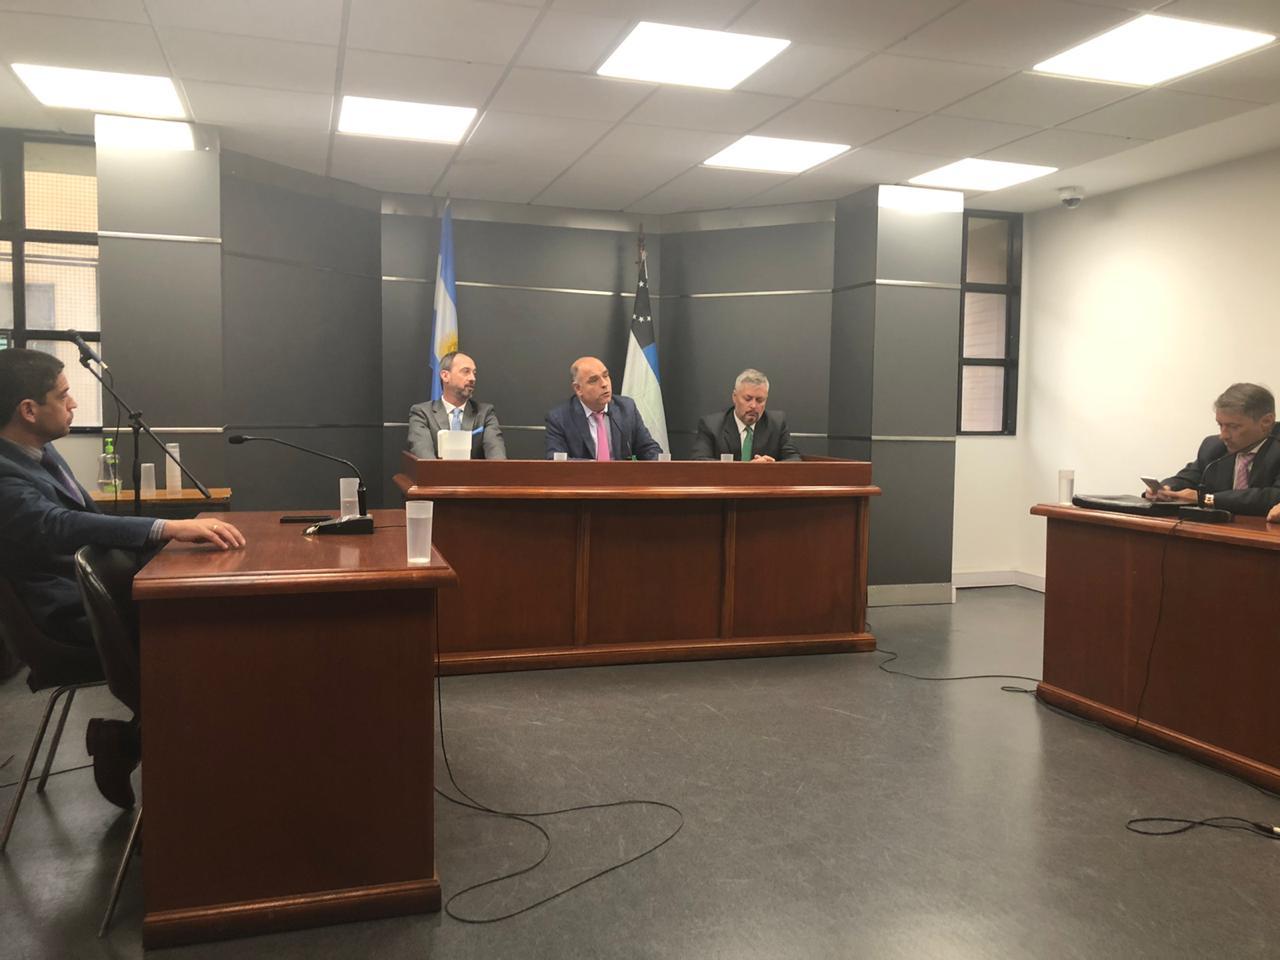 Dos hermanos declarados culpables del delito de abigeato agravado